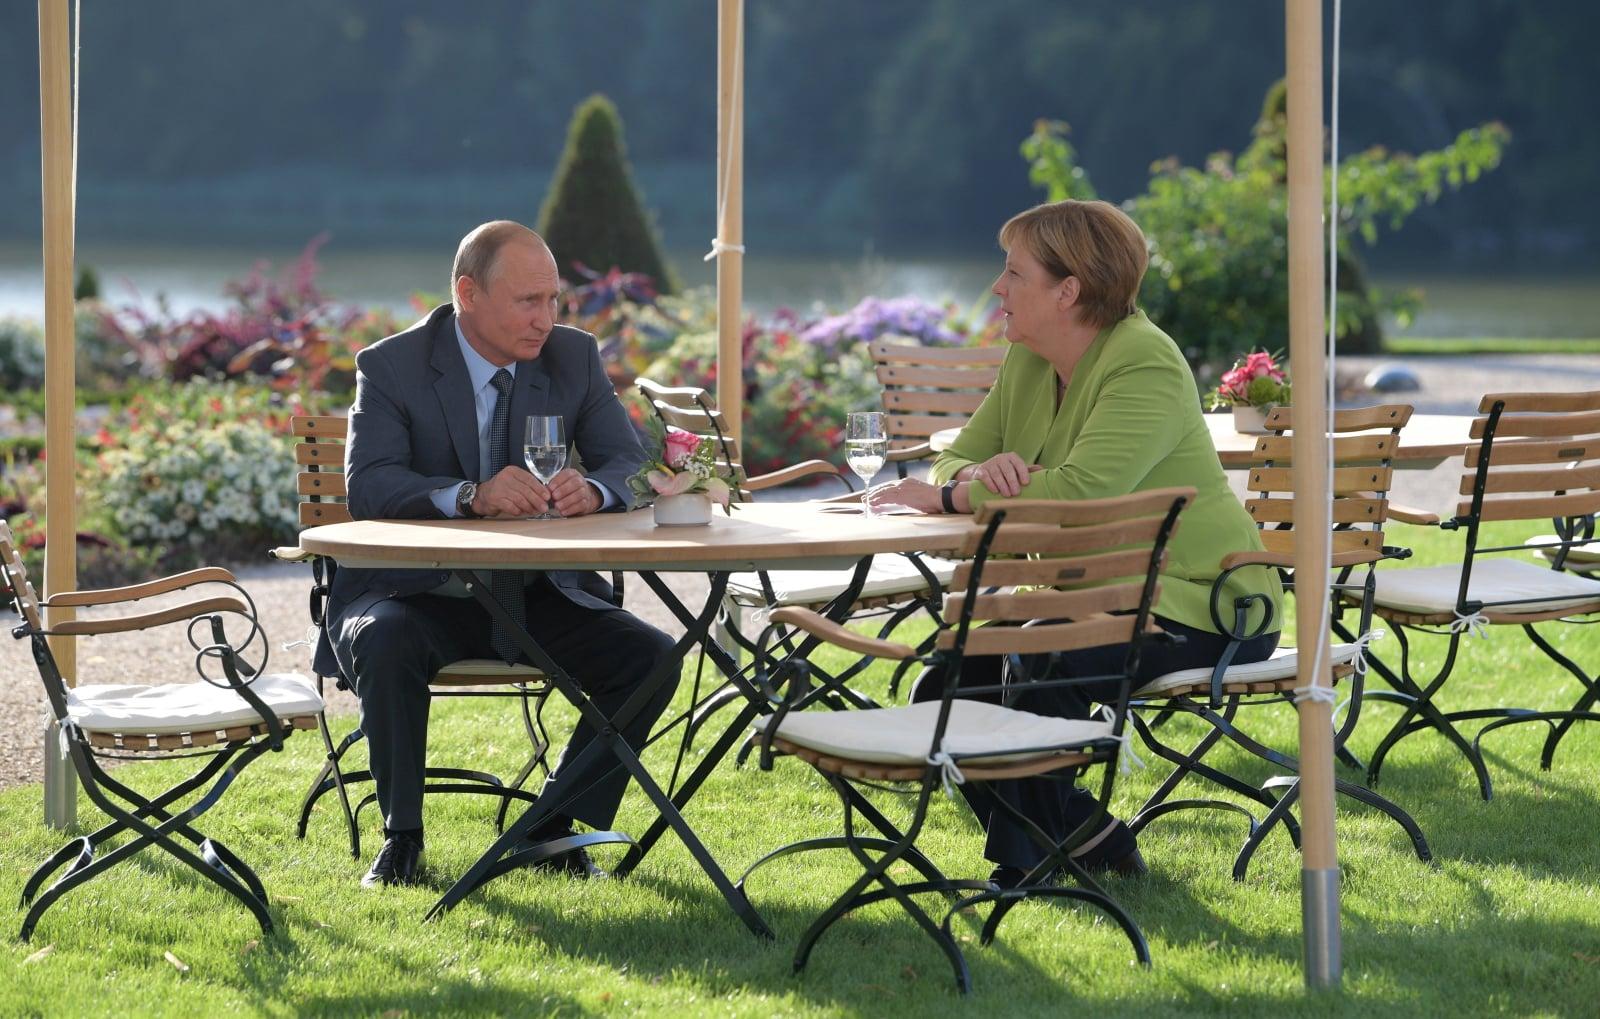 Władimir Putin na spotkaniu z Angelą Merkel w Berlinie. Fot. PAP/EPA/ALEXEI DRUZHININ / SPUTNIK